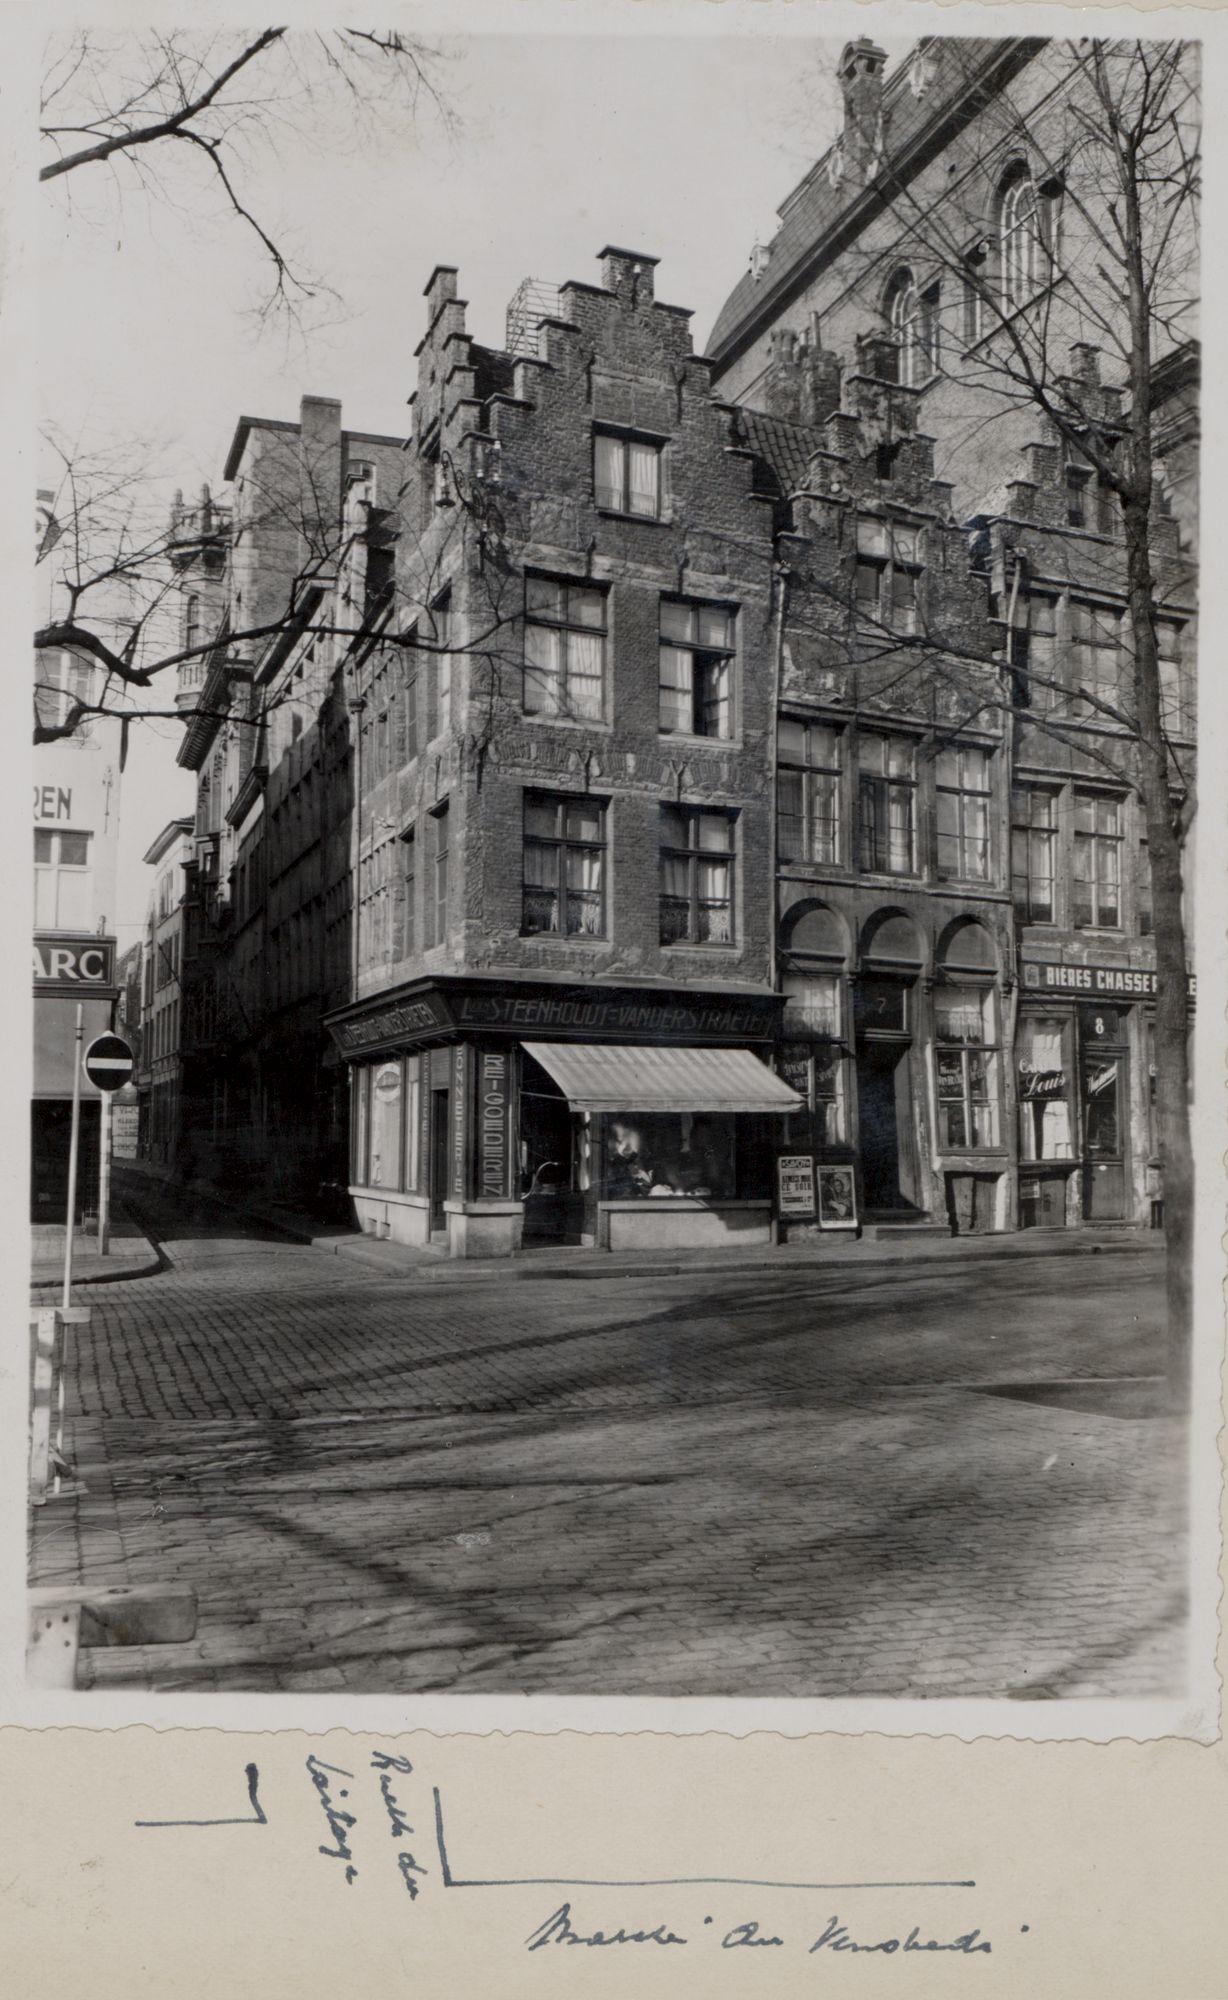 Gent: Vrijdagmarkt, Meerseniersstraat, Briewinkel van L. Steeenhoudt - Vanderstraeten, omstreeks 1900